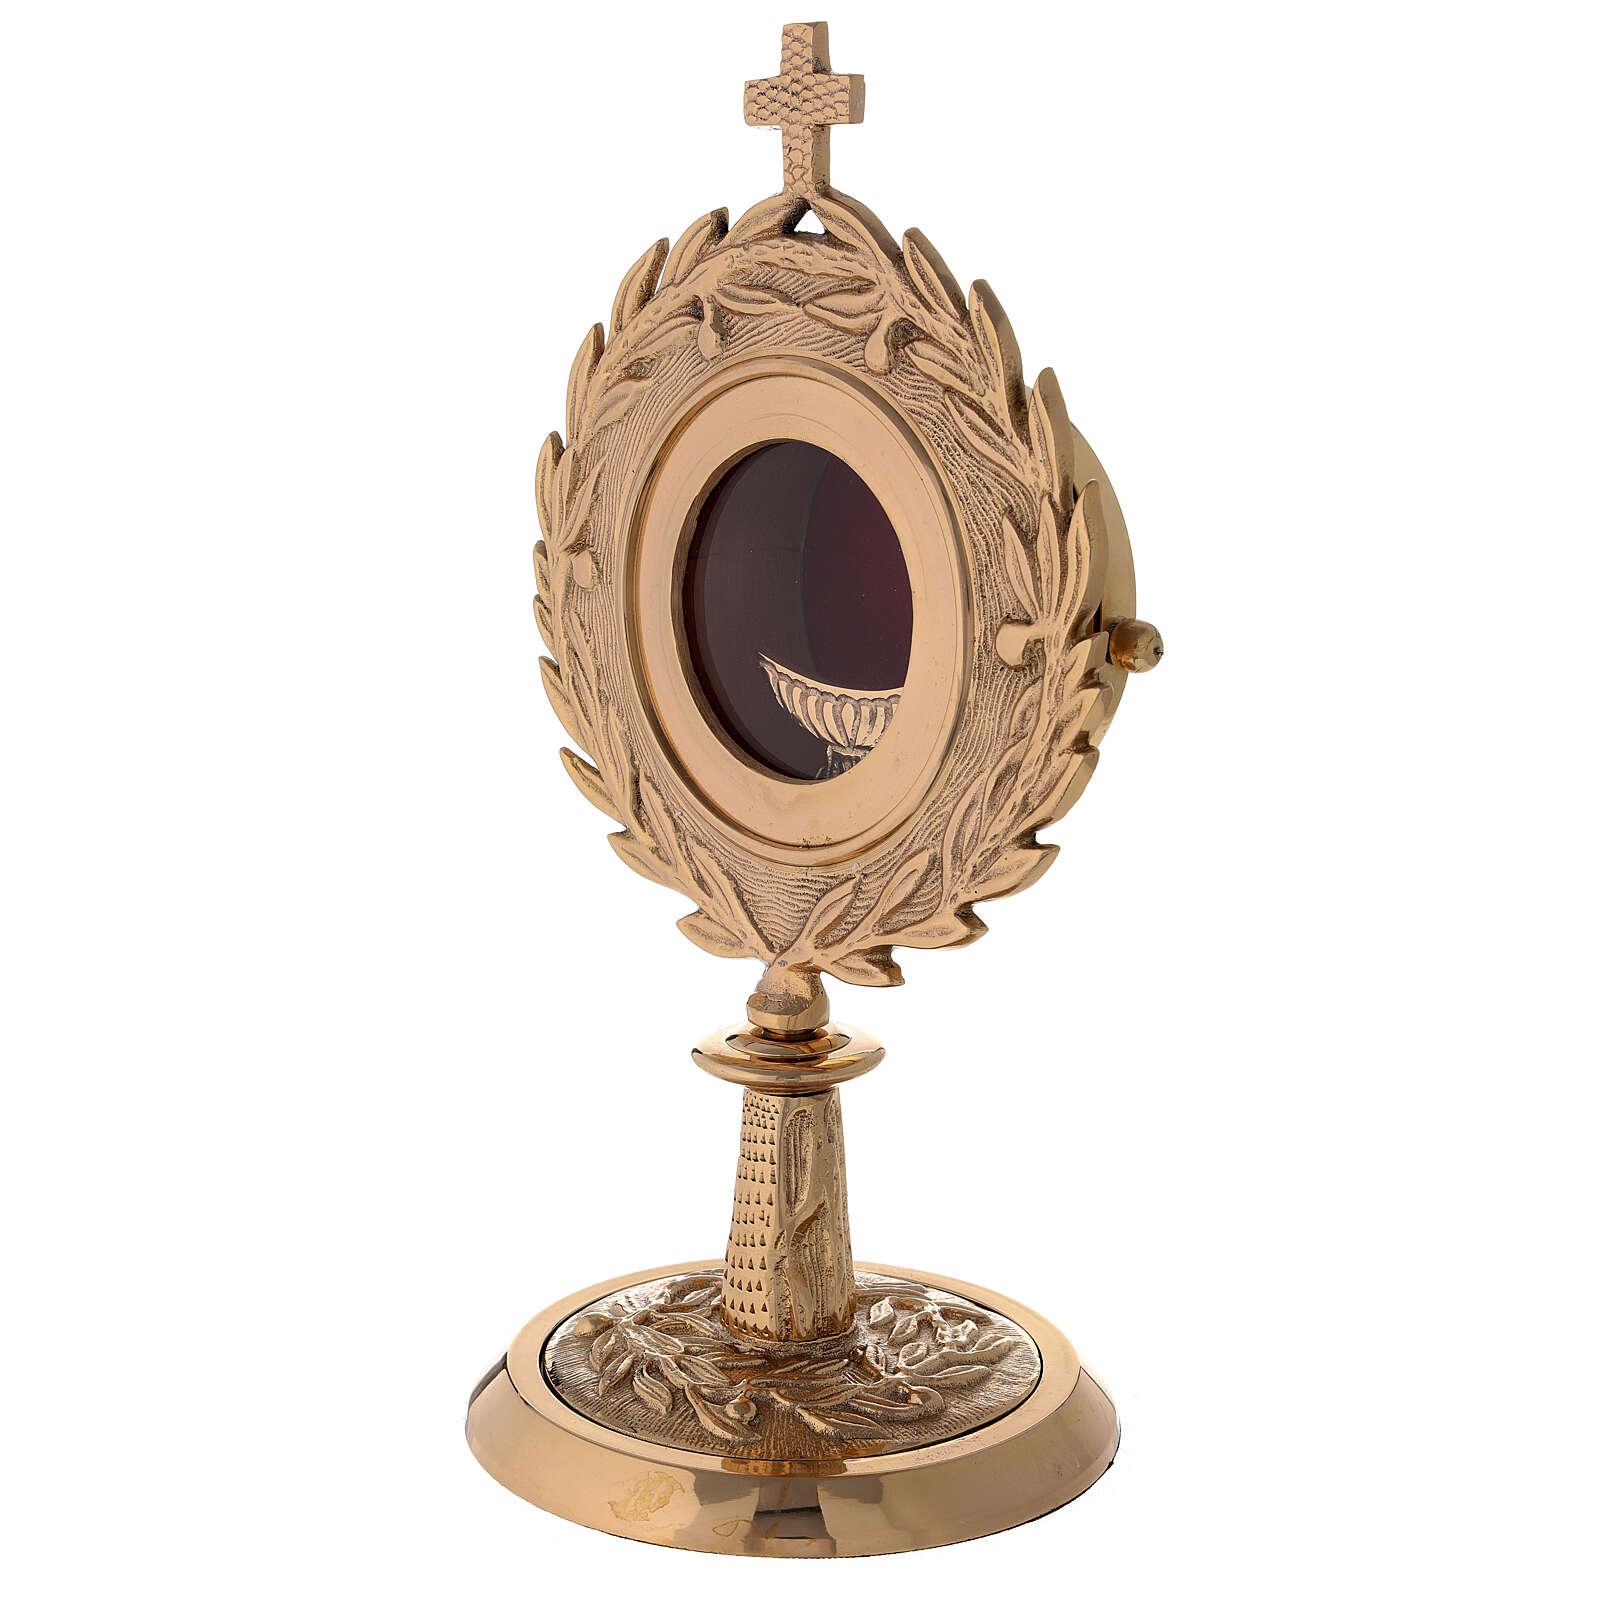 Ostensorio ottone dorato corona alloro altezza 27 cm 4